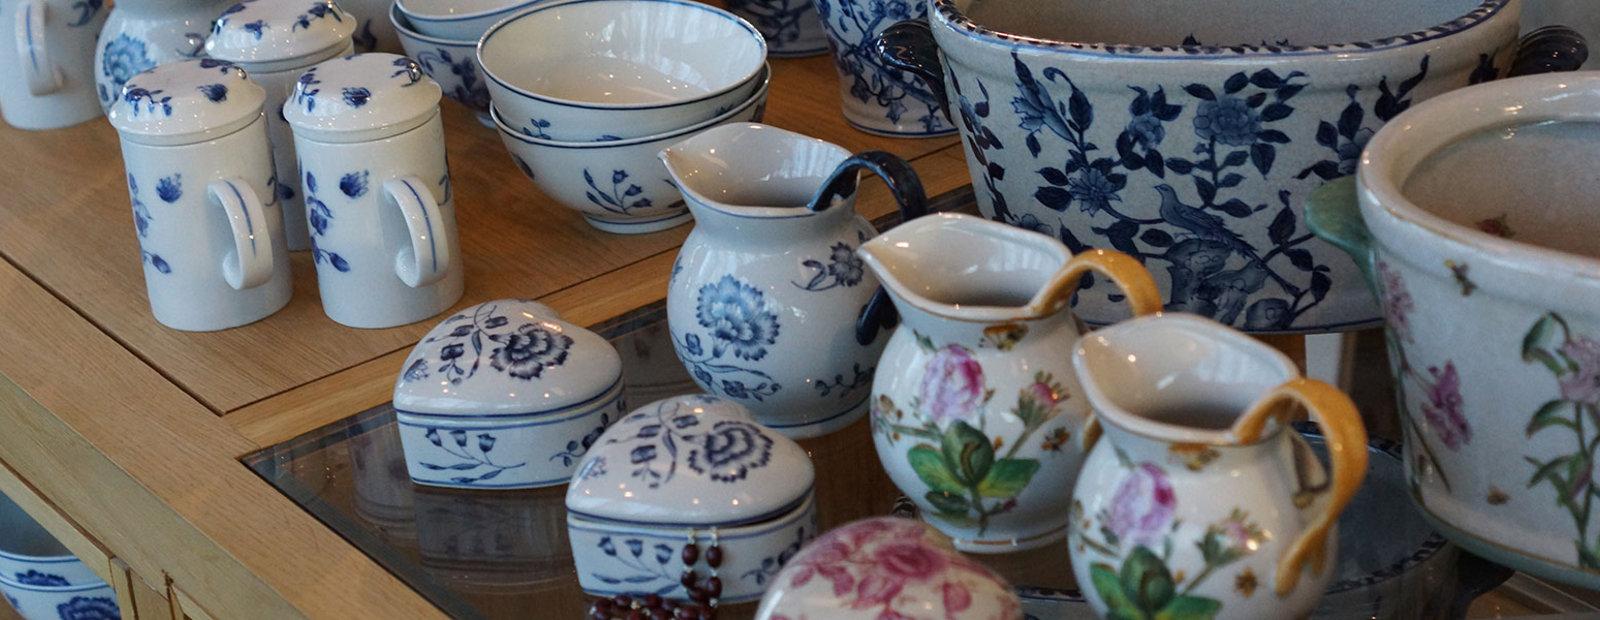 Varer fra Simply Scandinavia i museumsbutikken på Bjerkebæk Sigrid Undsets hjem